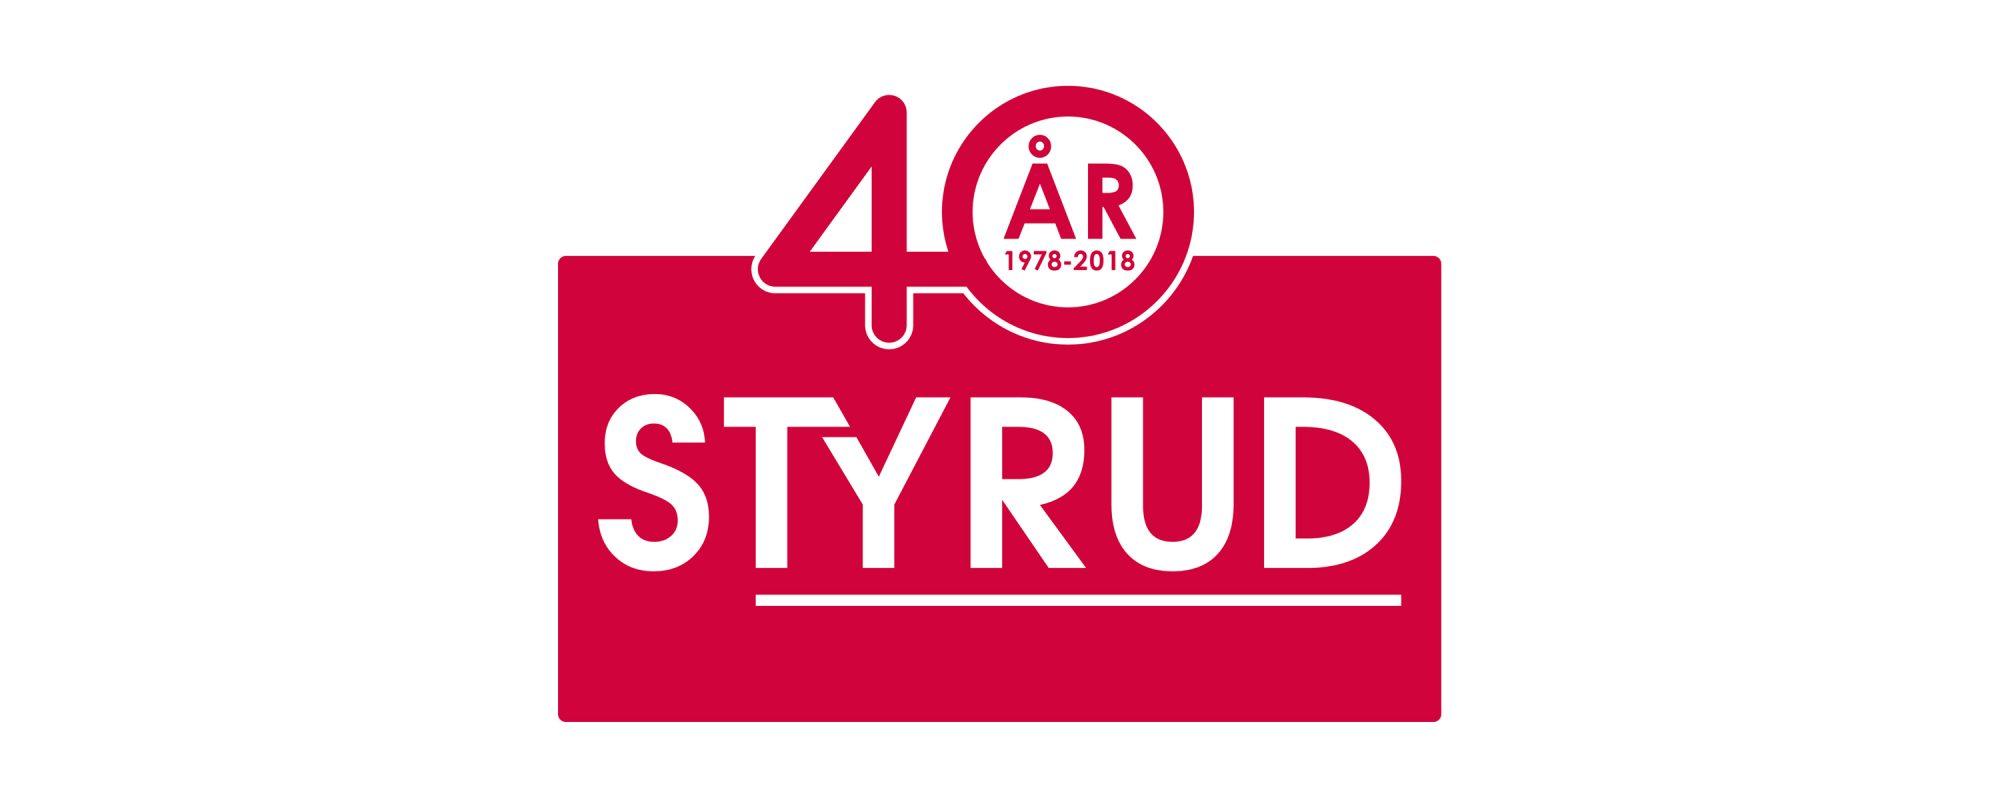 Logo 40år - Styrud